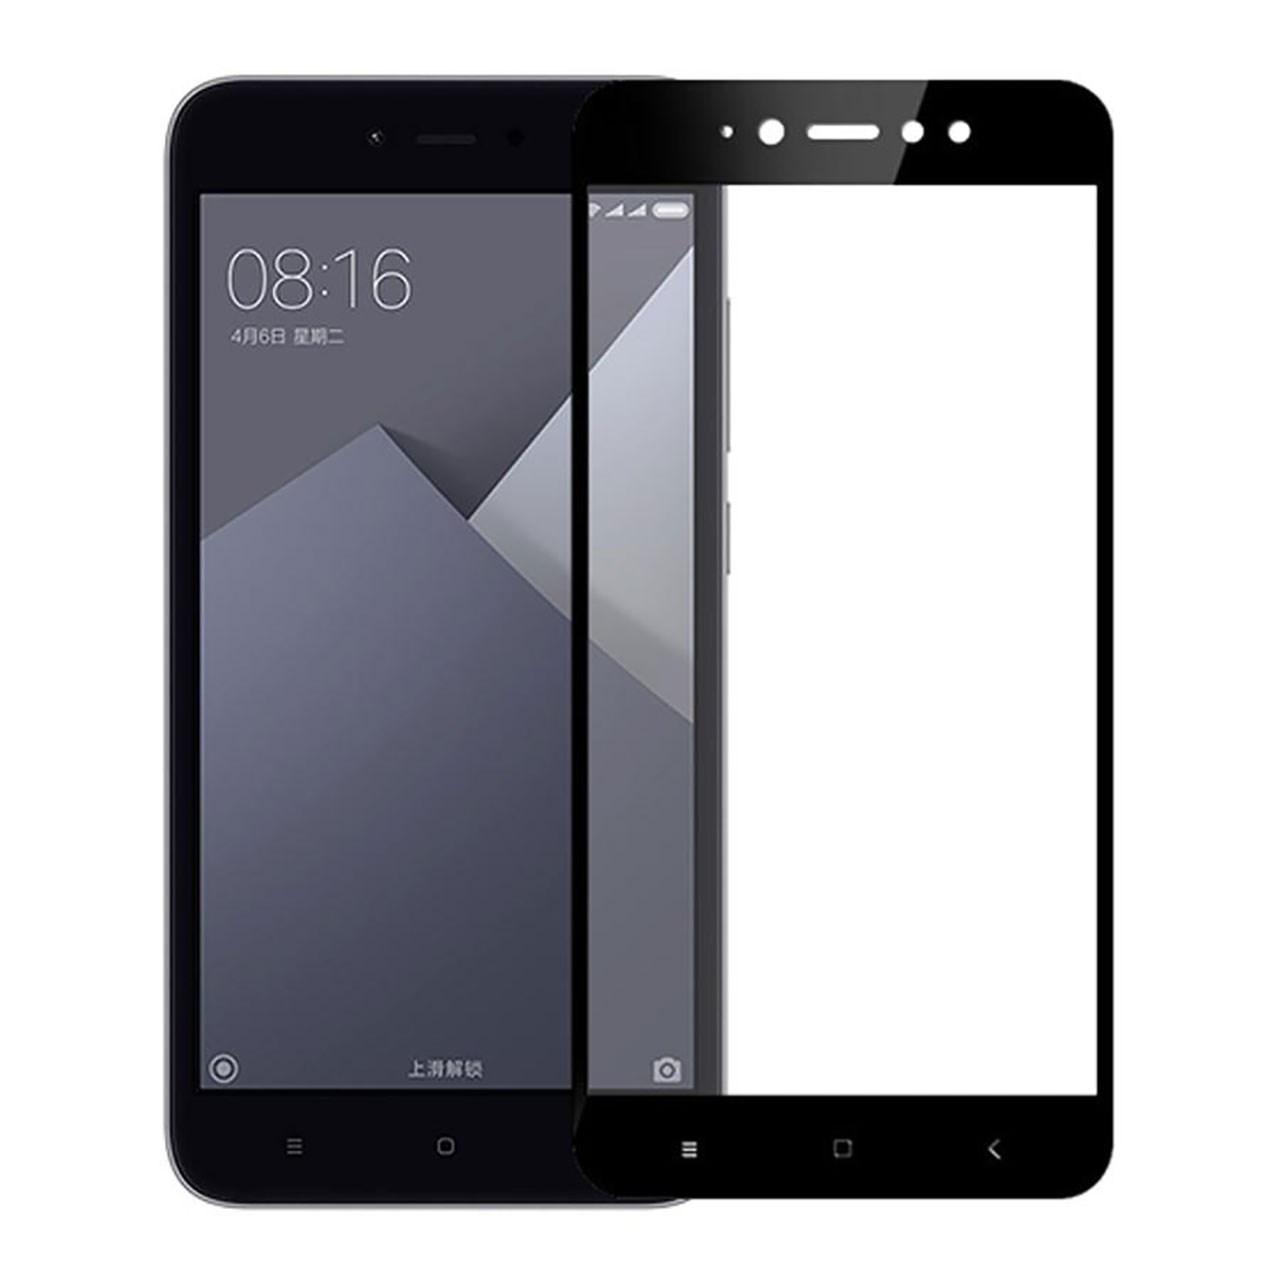 محافظ صفحه نمایش شیشه ای تمام چسب مدل 5D مناسب برای گوشی شیائومی Redmi Note 5A Prime